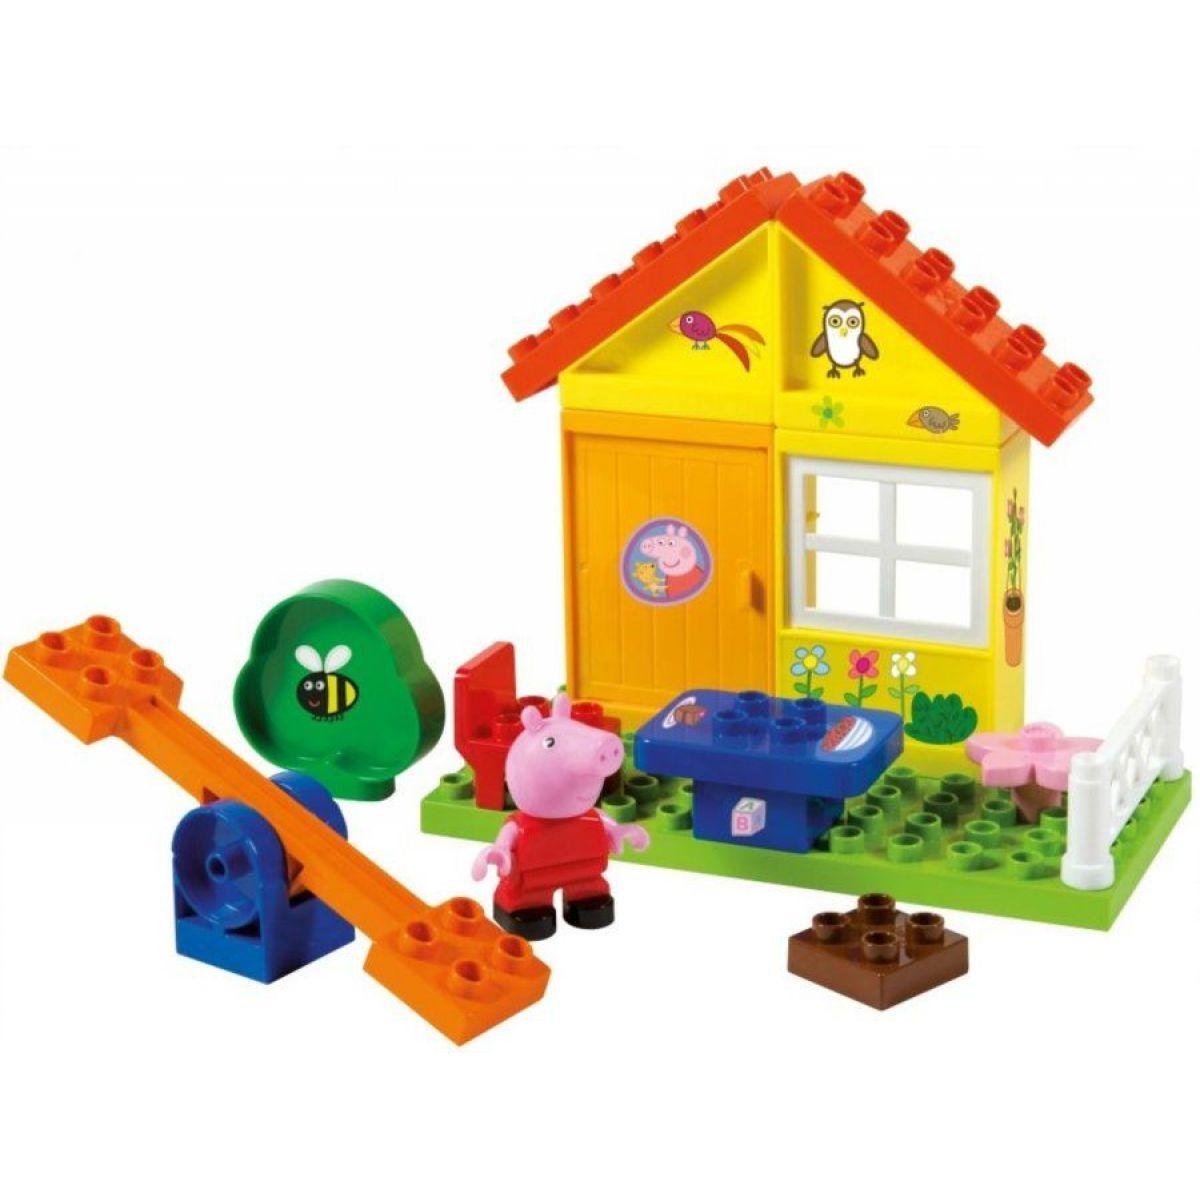 PlayBig Bloxx Peppa Pig Záhradný domček - poškodený obal